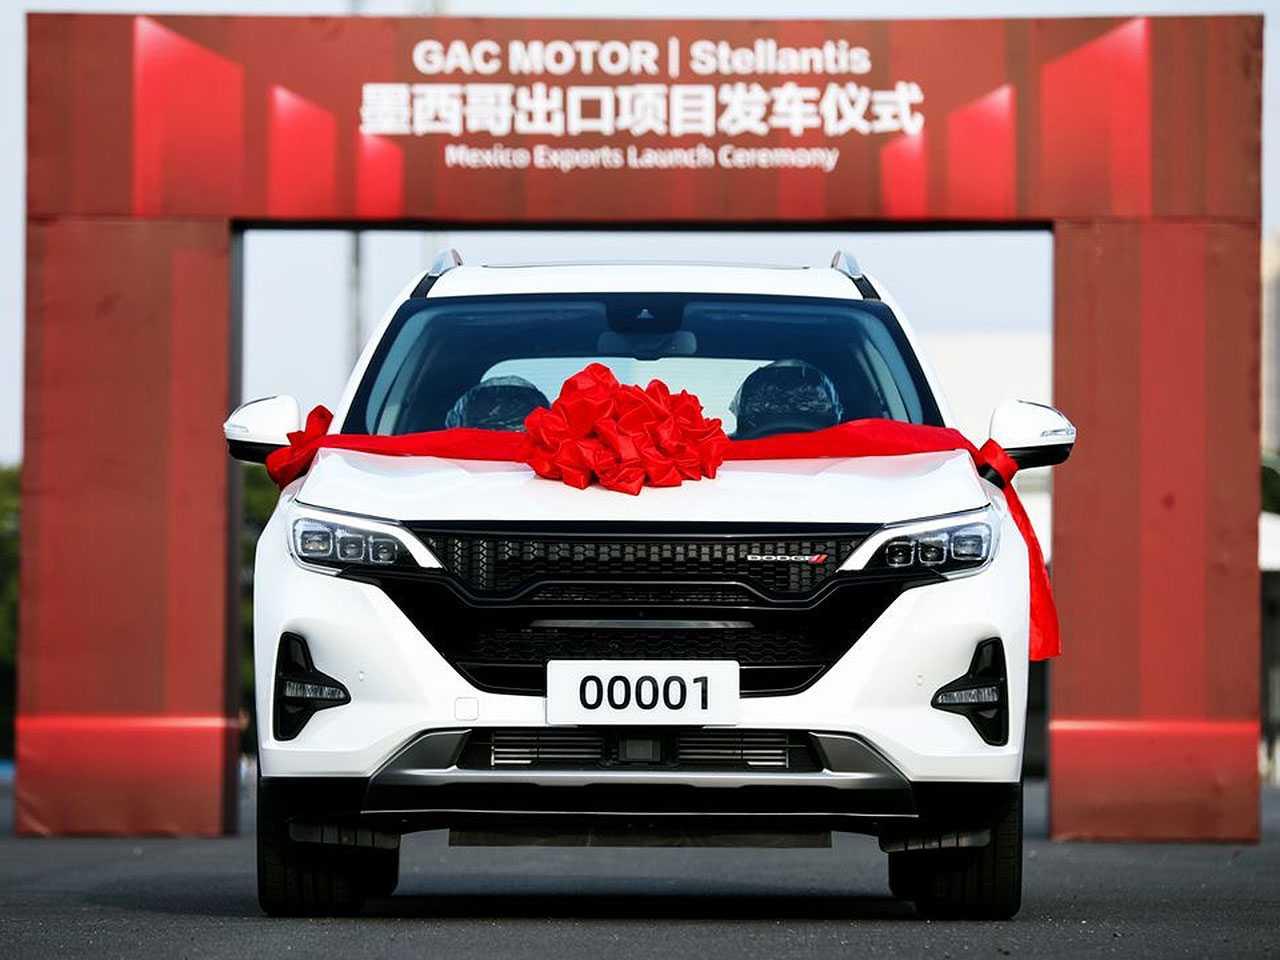 Primeira unidade do novo SUV da Dodge produzido na China com destino ao mercado mexicano